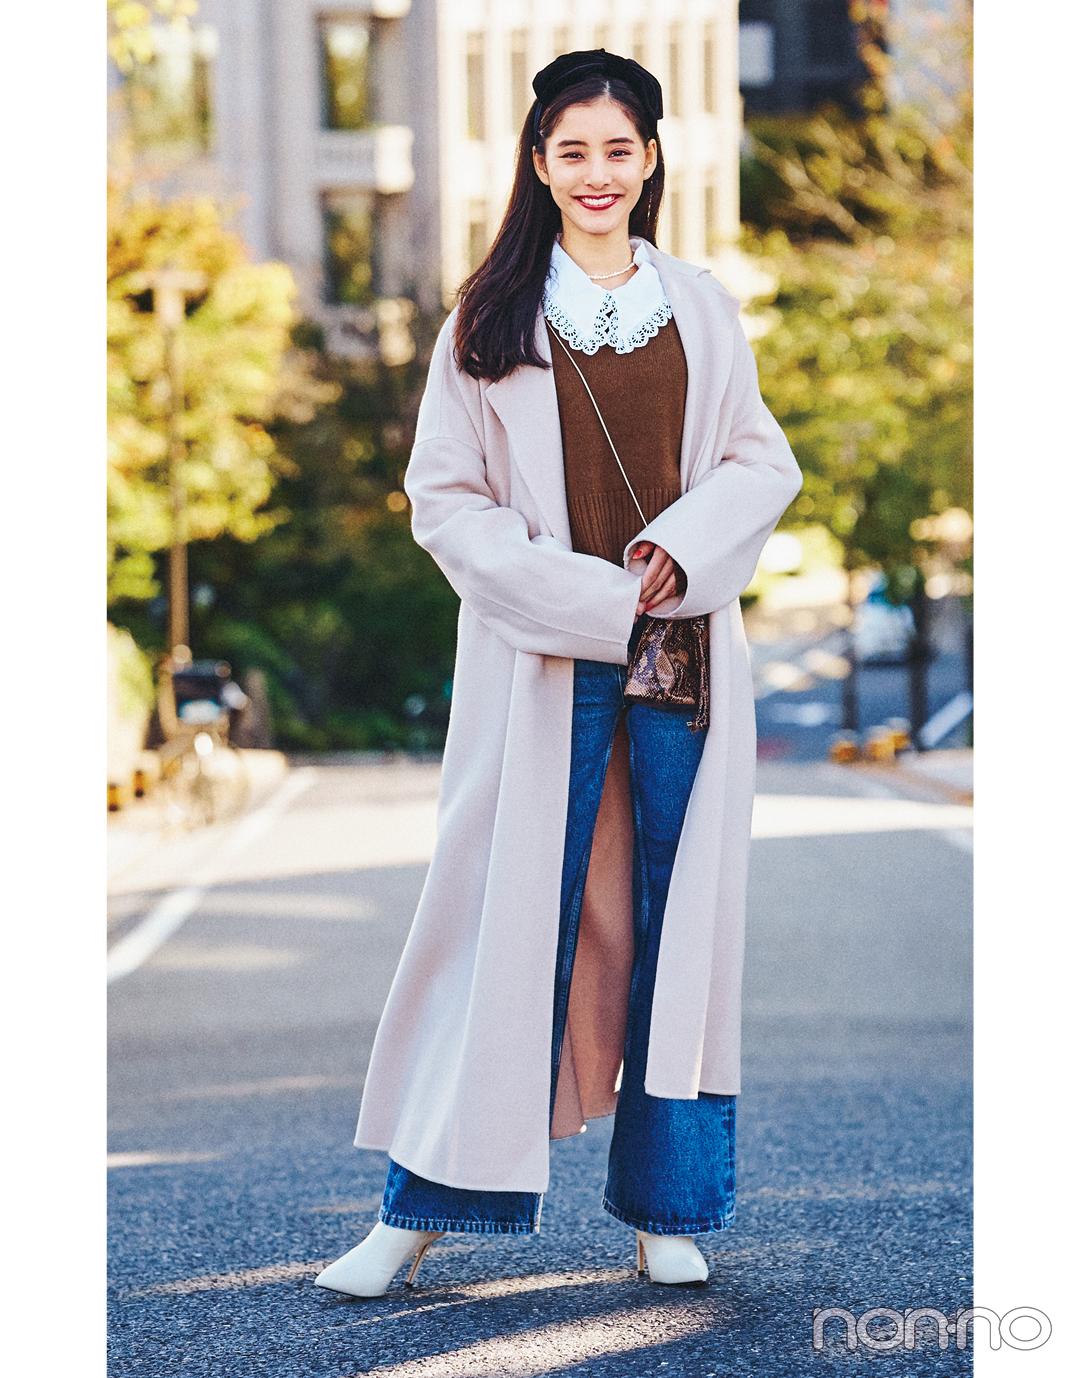 新木優子の冬私服♡ 今すぐマネしたい! ZARAなどお気に入りブランドで最新コーデを披露_1_3